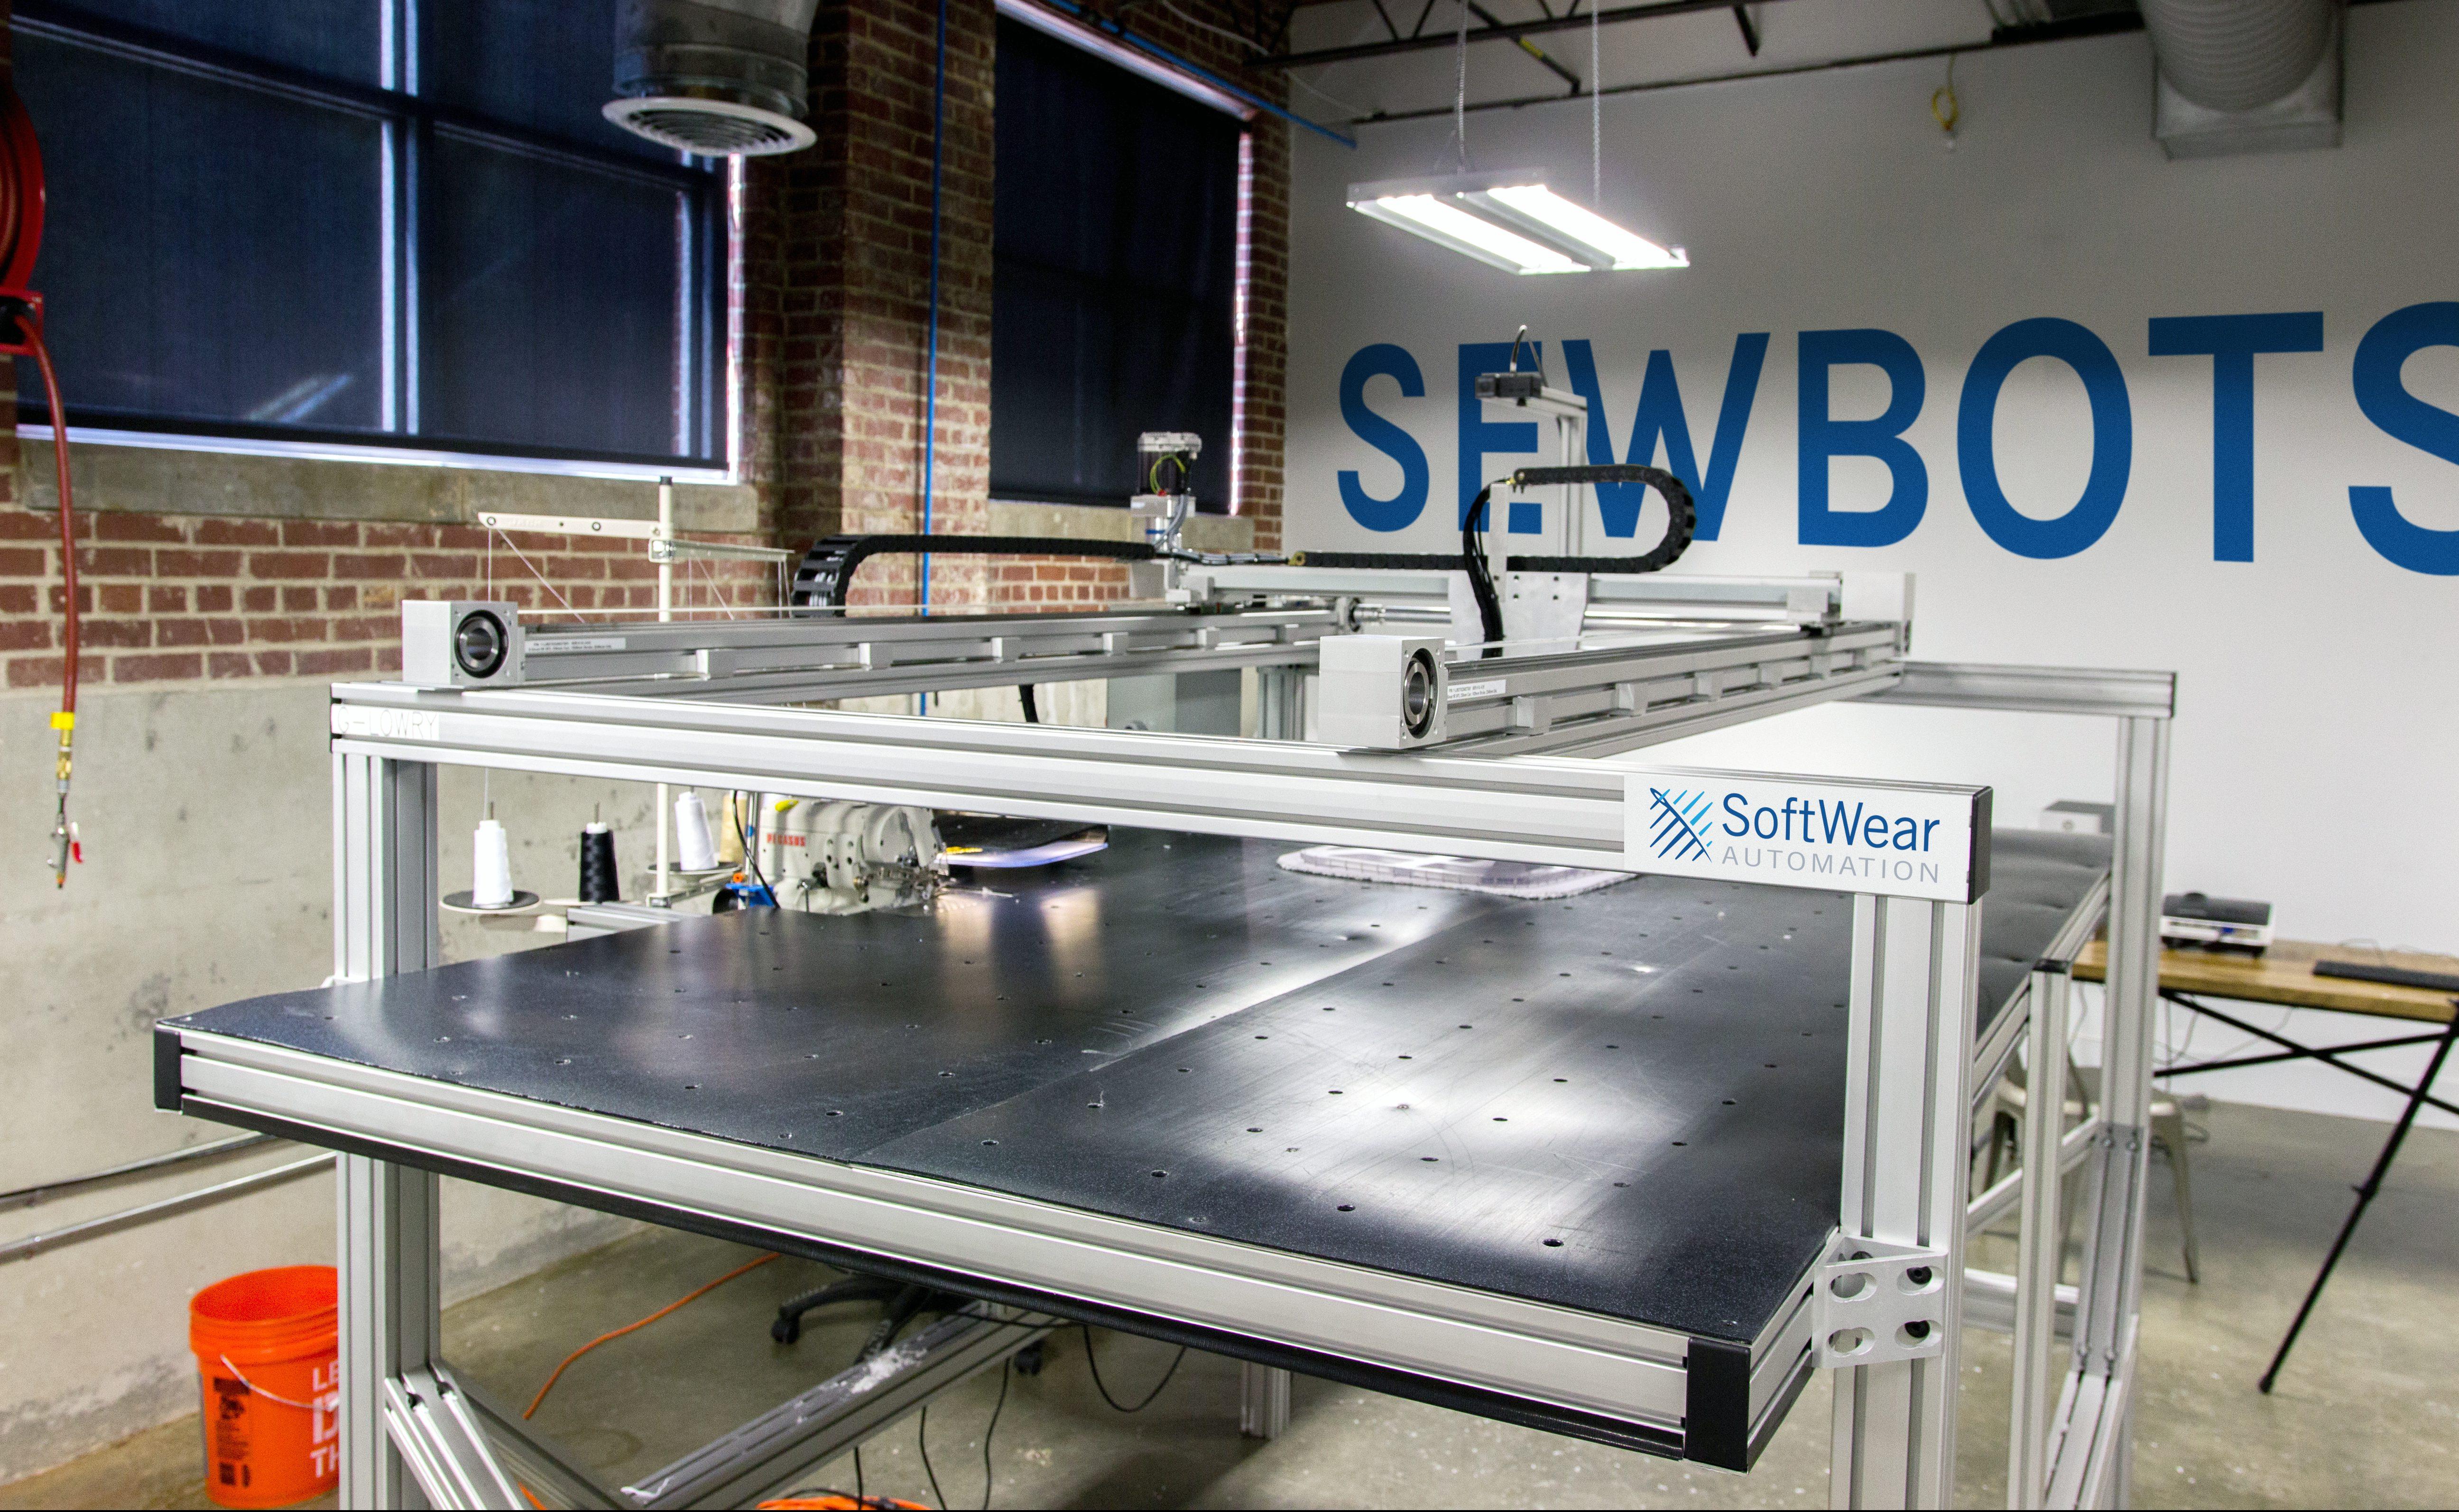 SoftWear Automation's sewbot